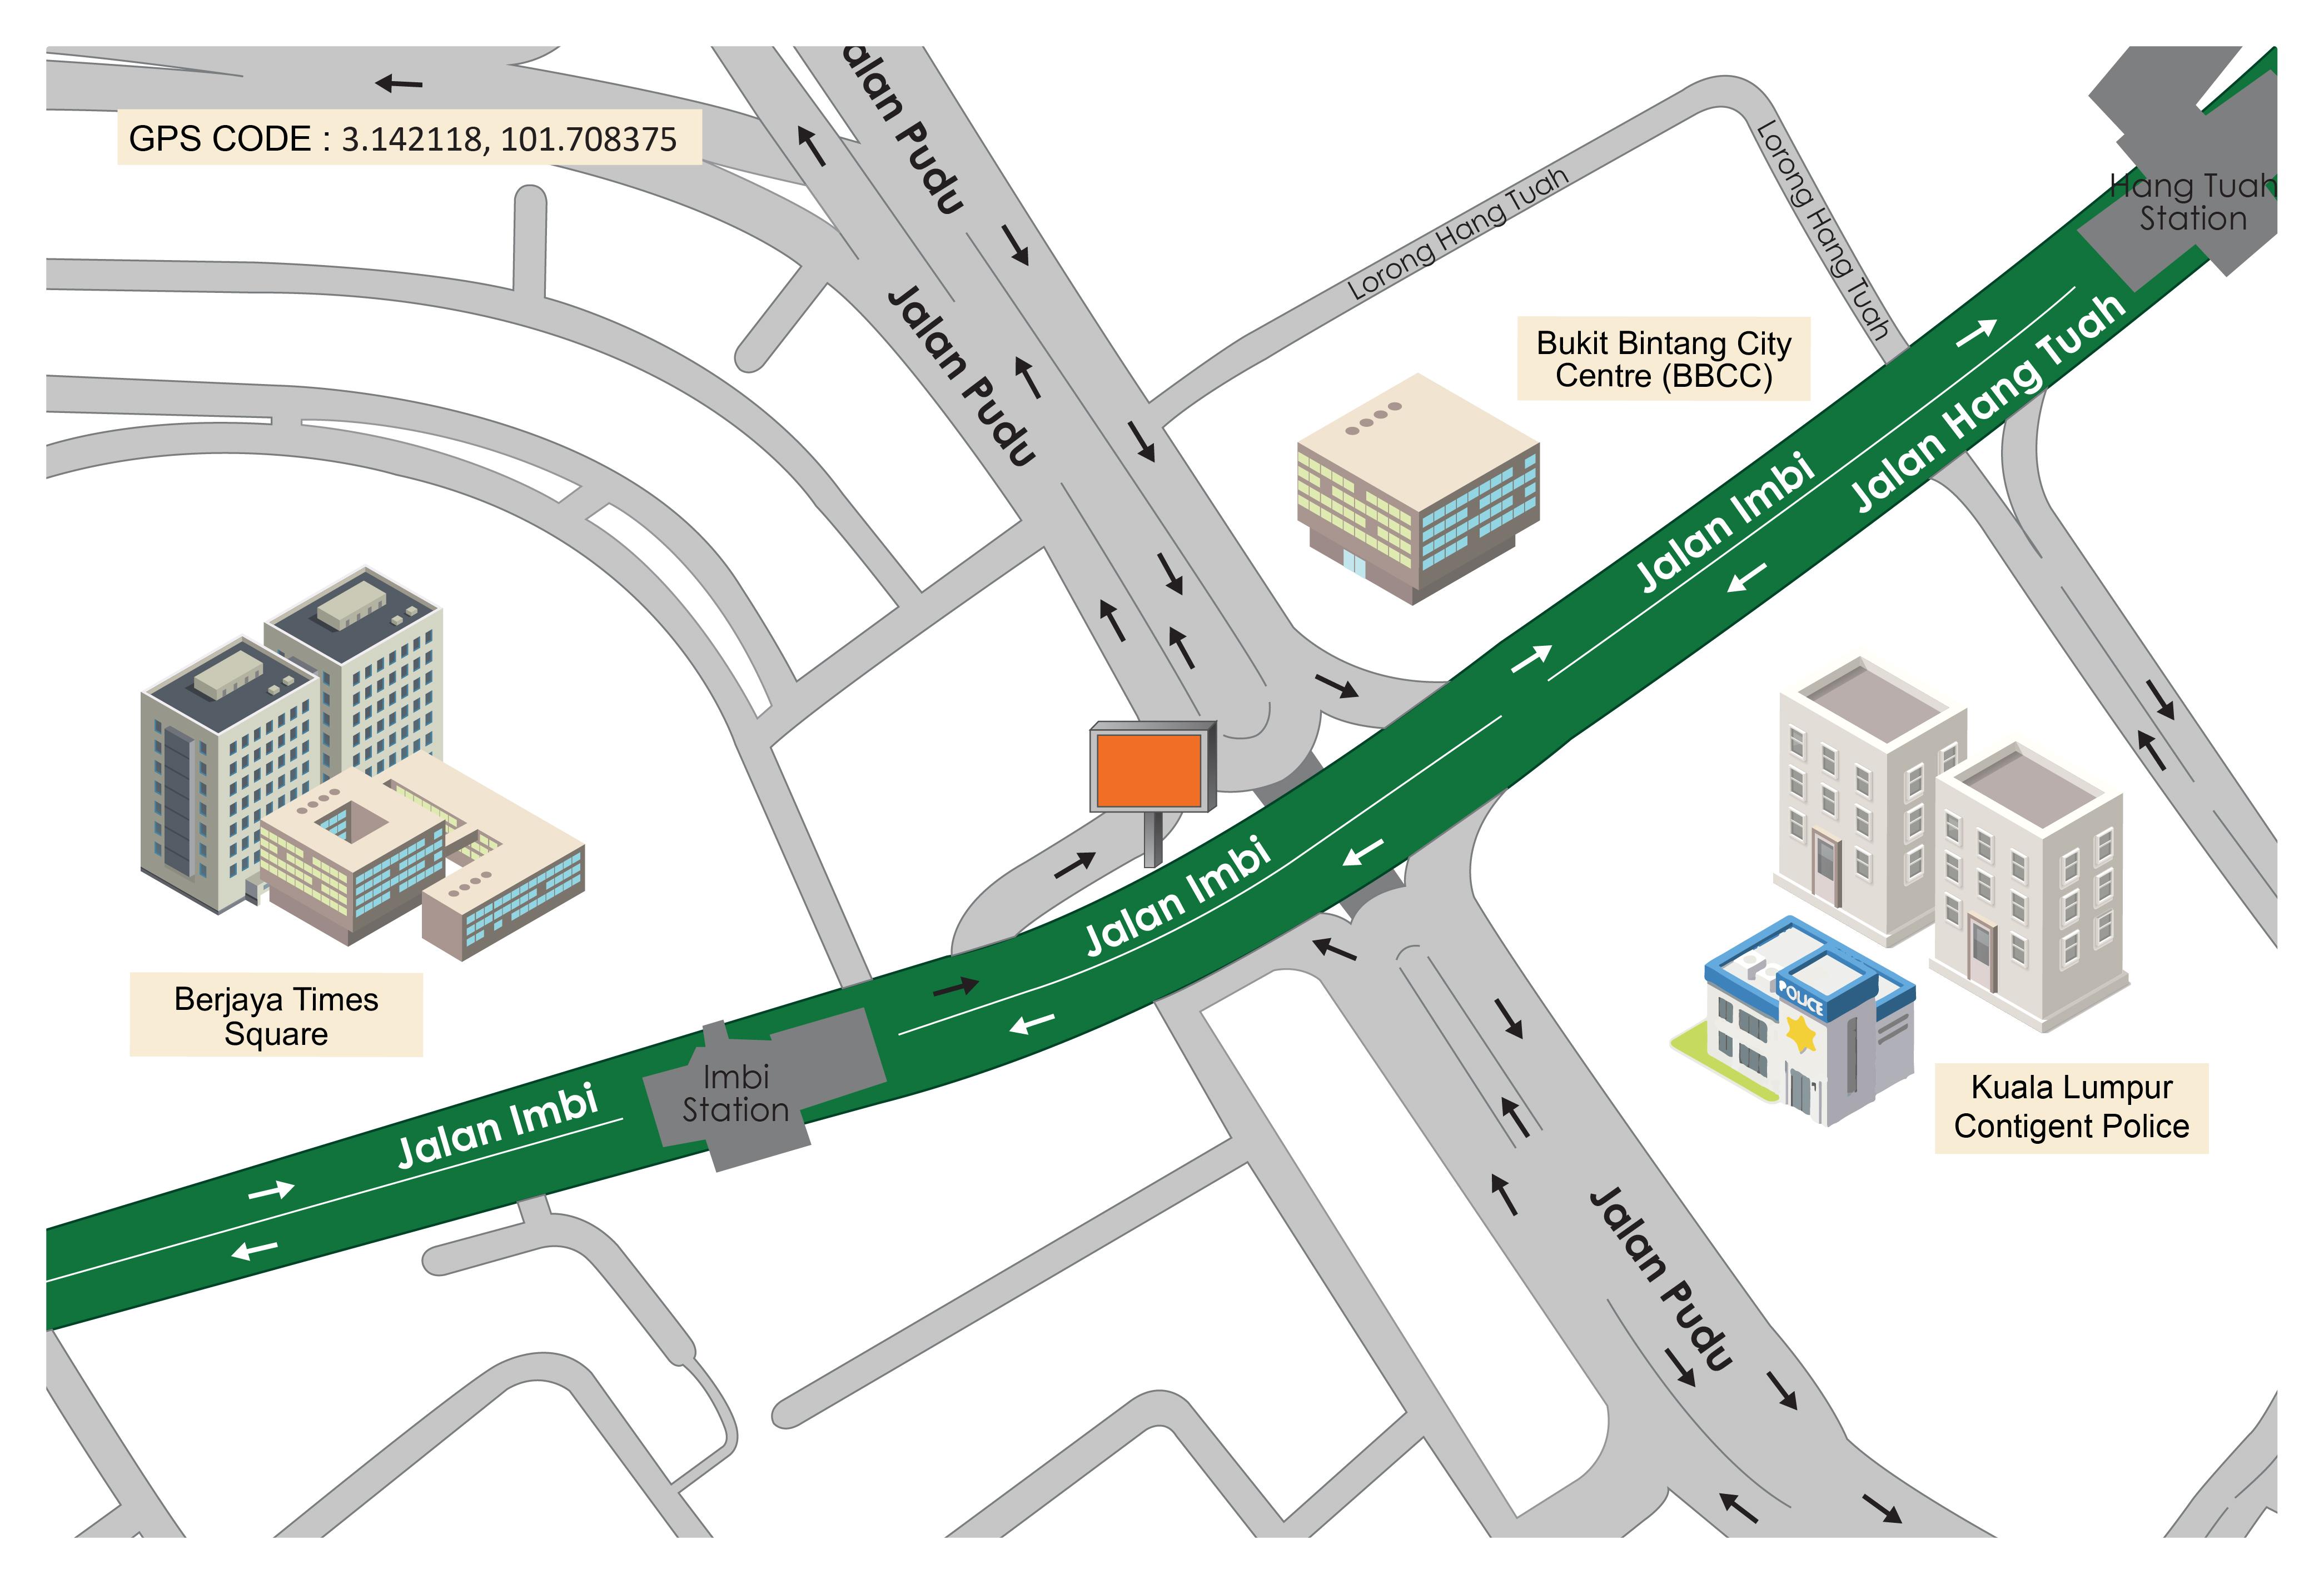 Jalan Hang Tuah